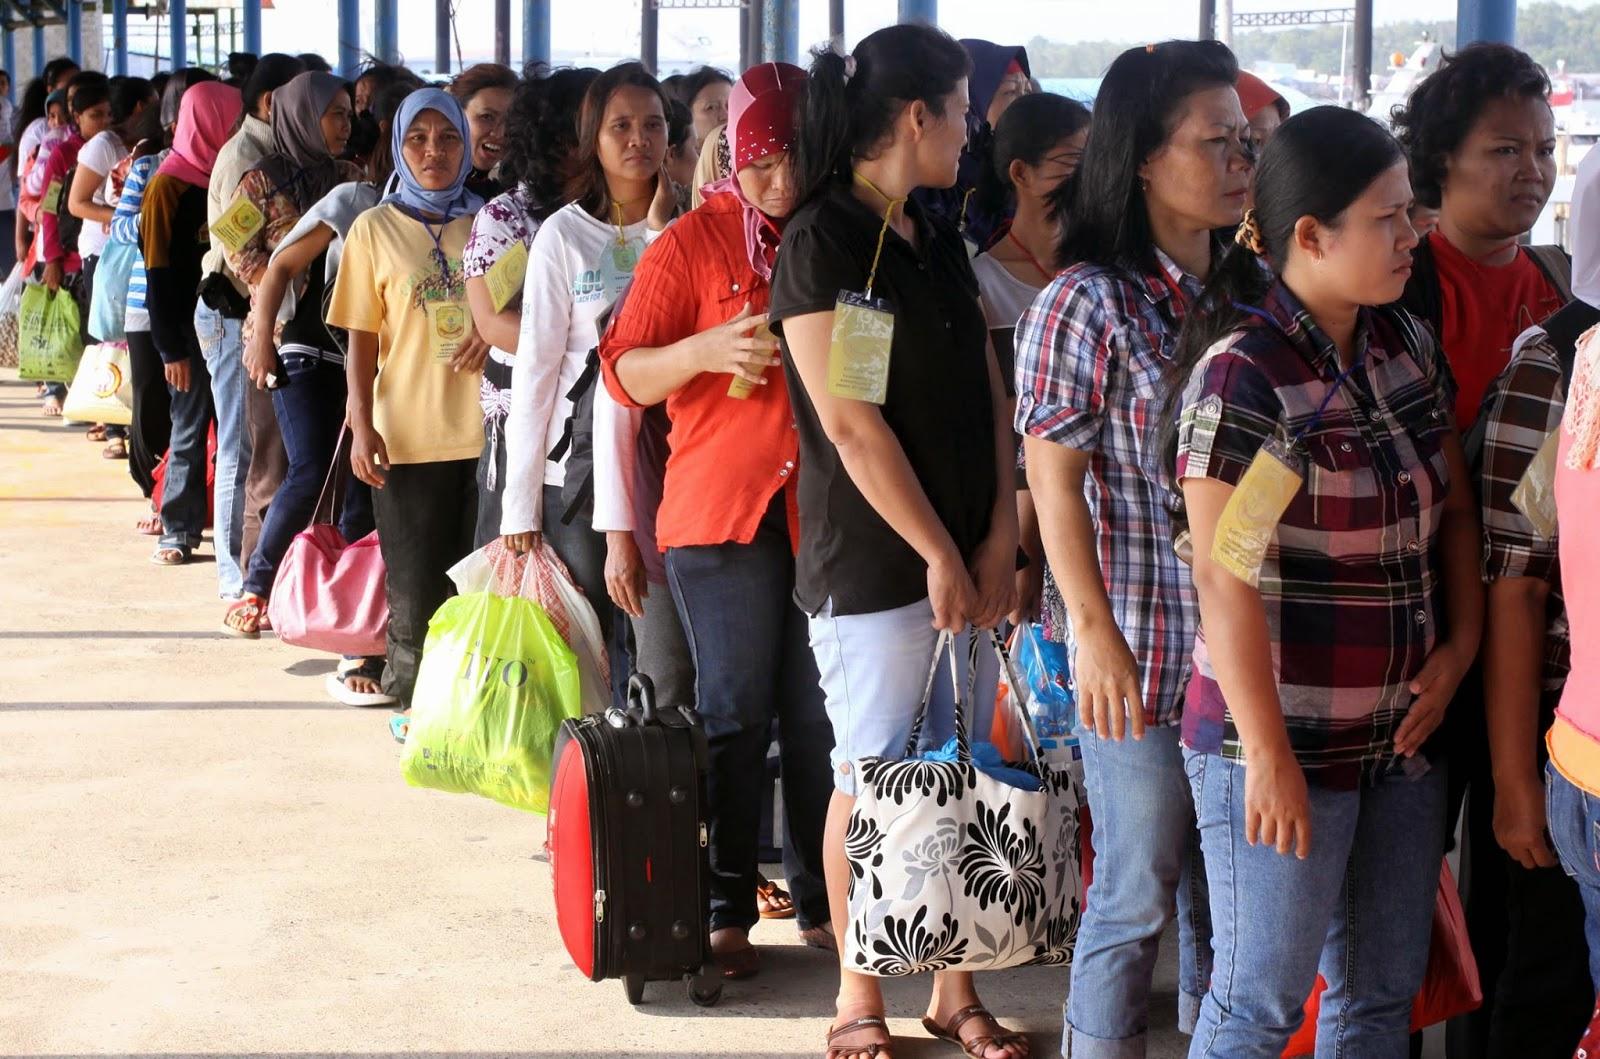 Selama masa pandemi covid-19, banyak perempuan Indonesia yang harus kehilangan pekerjaan mereka © Voi.id